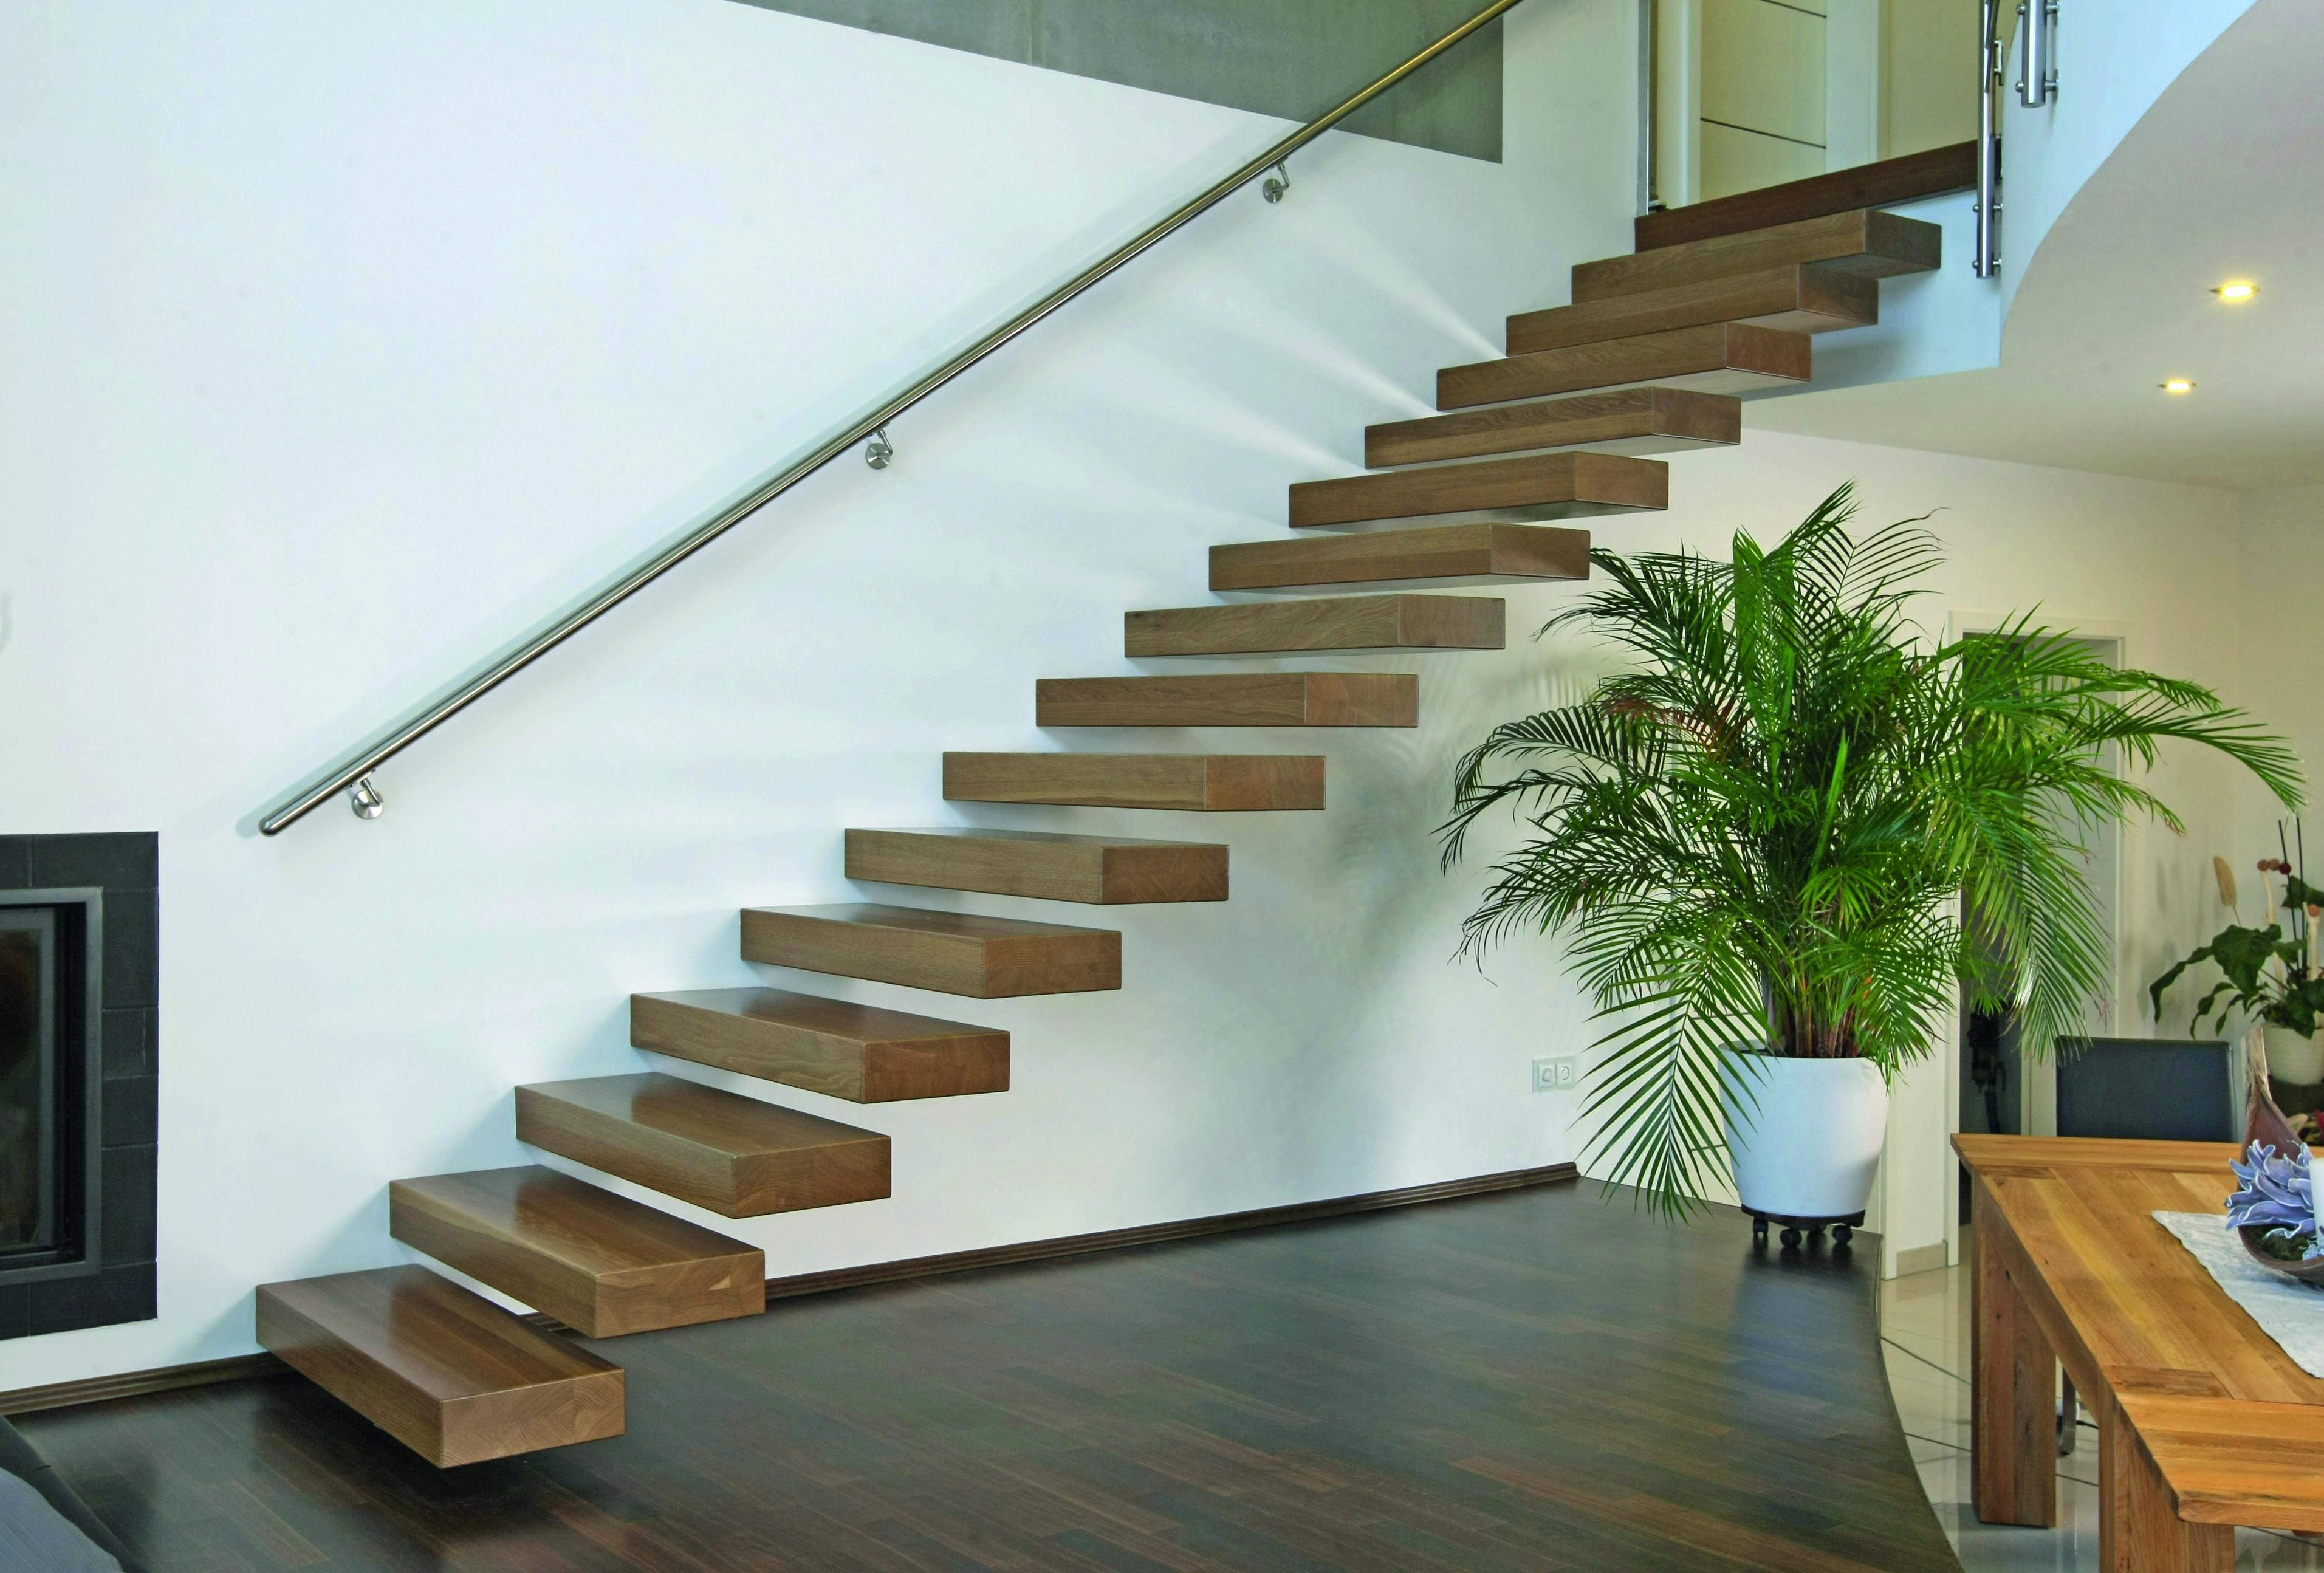 Wer es außergewöhnlich mag: Eine Kragstufentreppe ist auf das Wesentliche reduziert und gleichzeitig ein Blickfang im Raum. (Bild: Treppenmeister)